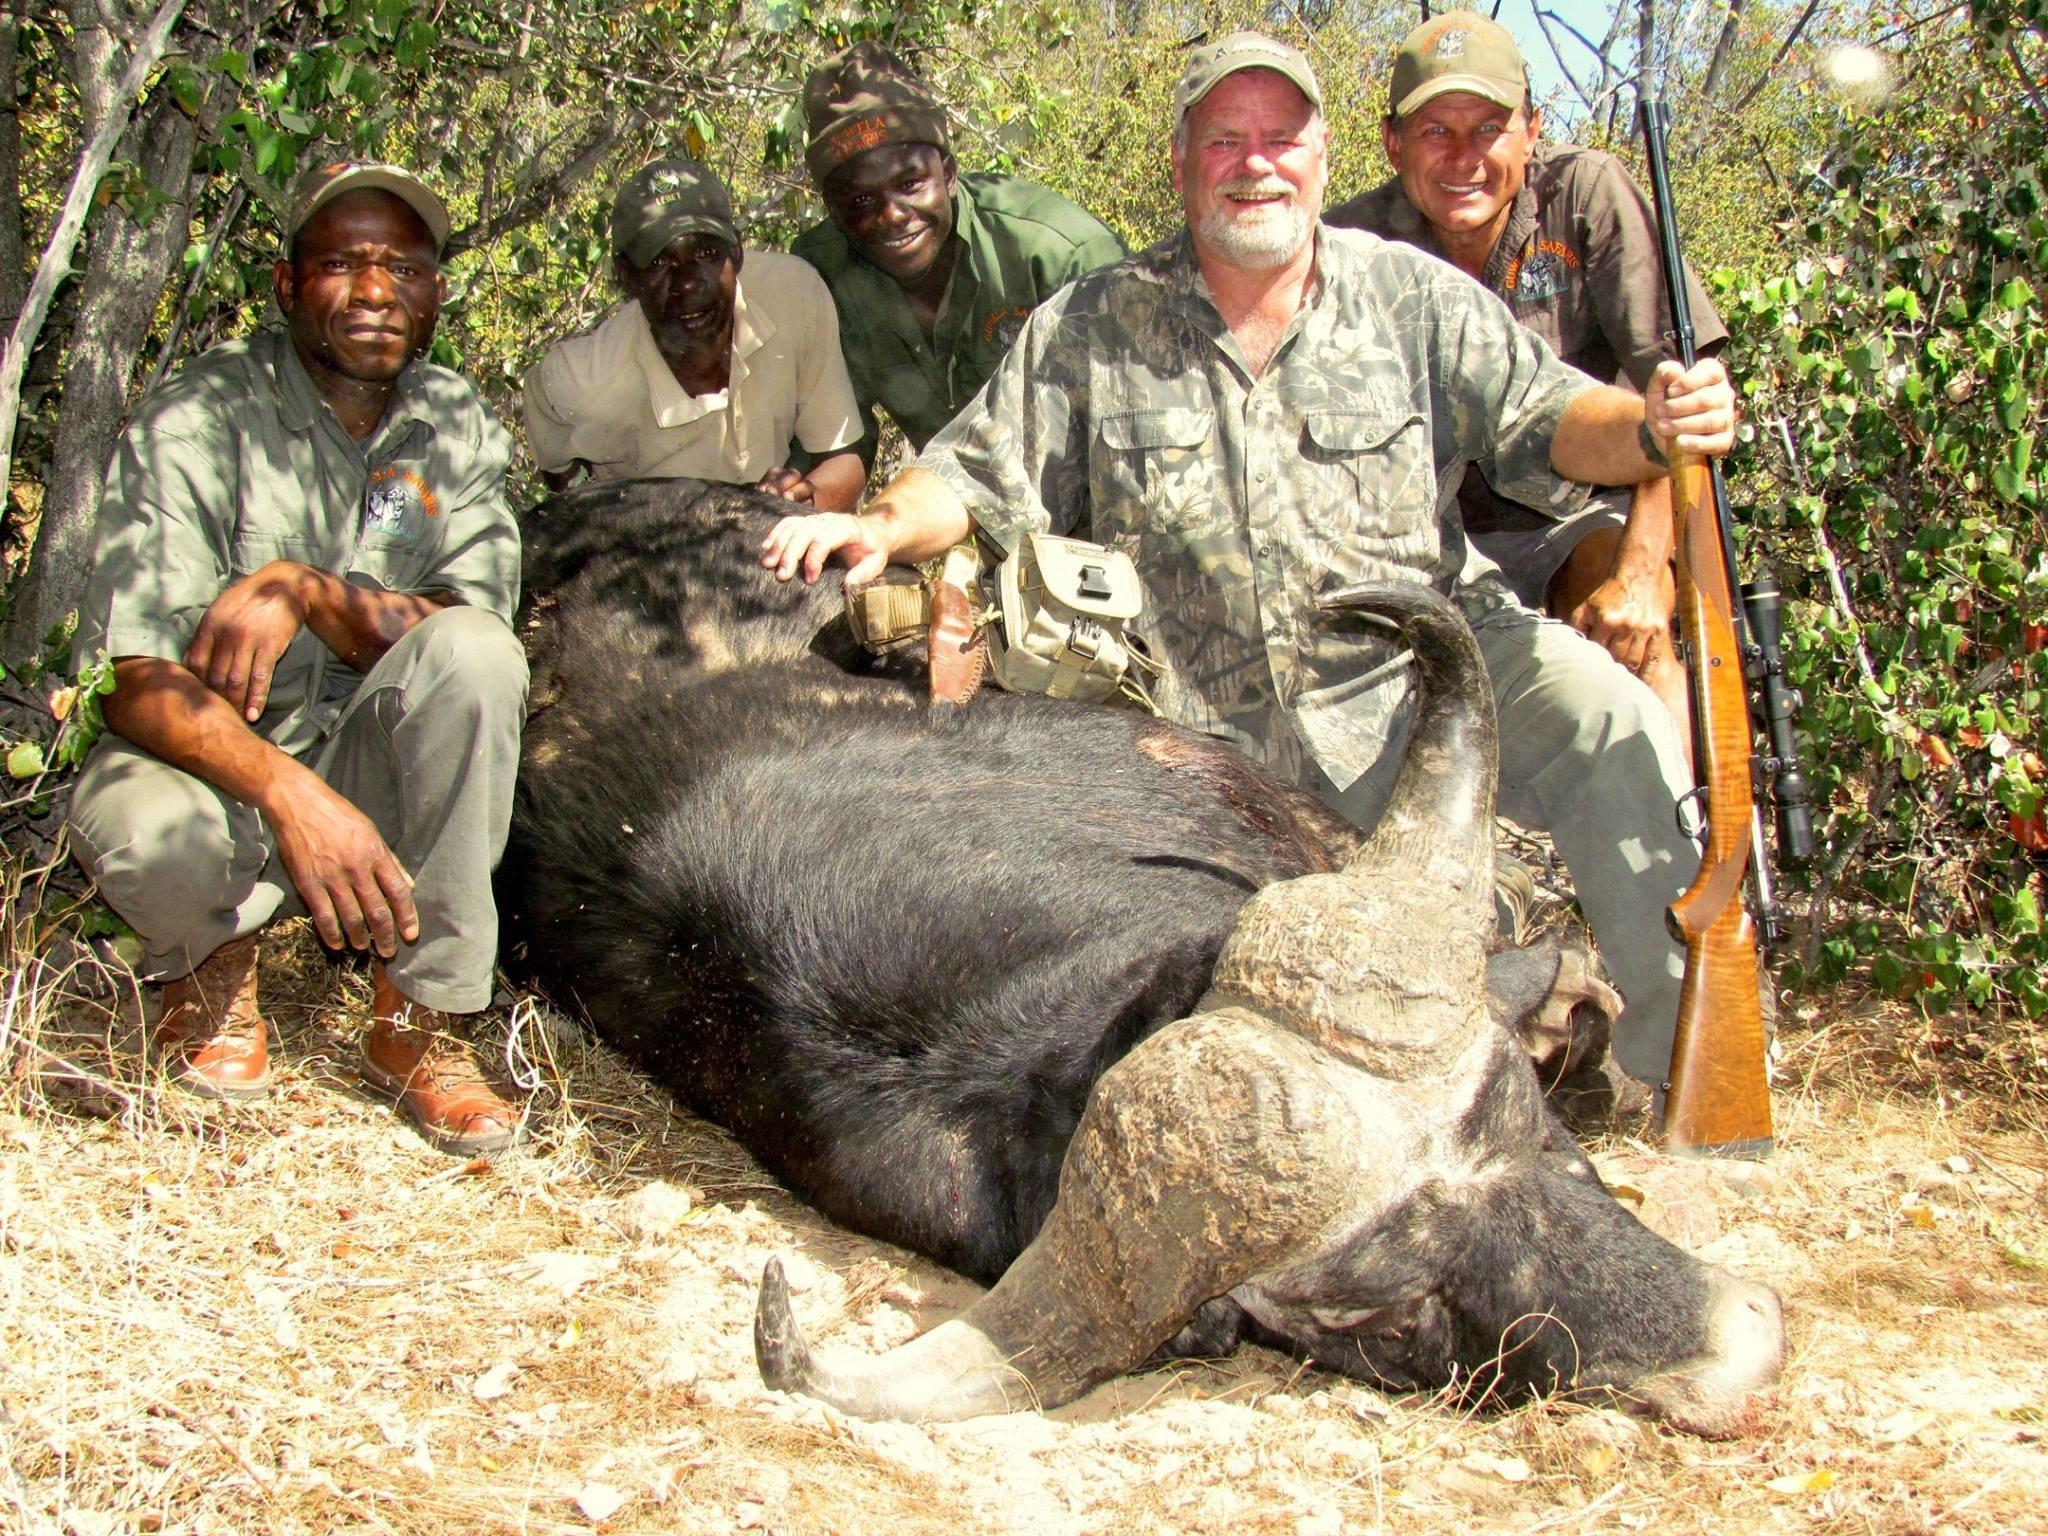 Großwildjäger tötet Büffel – dann rächt ein Artgenosse seinen verstorbenen Freund